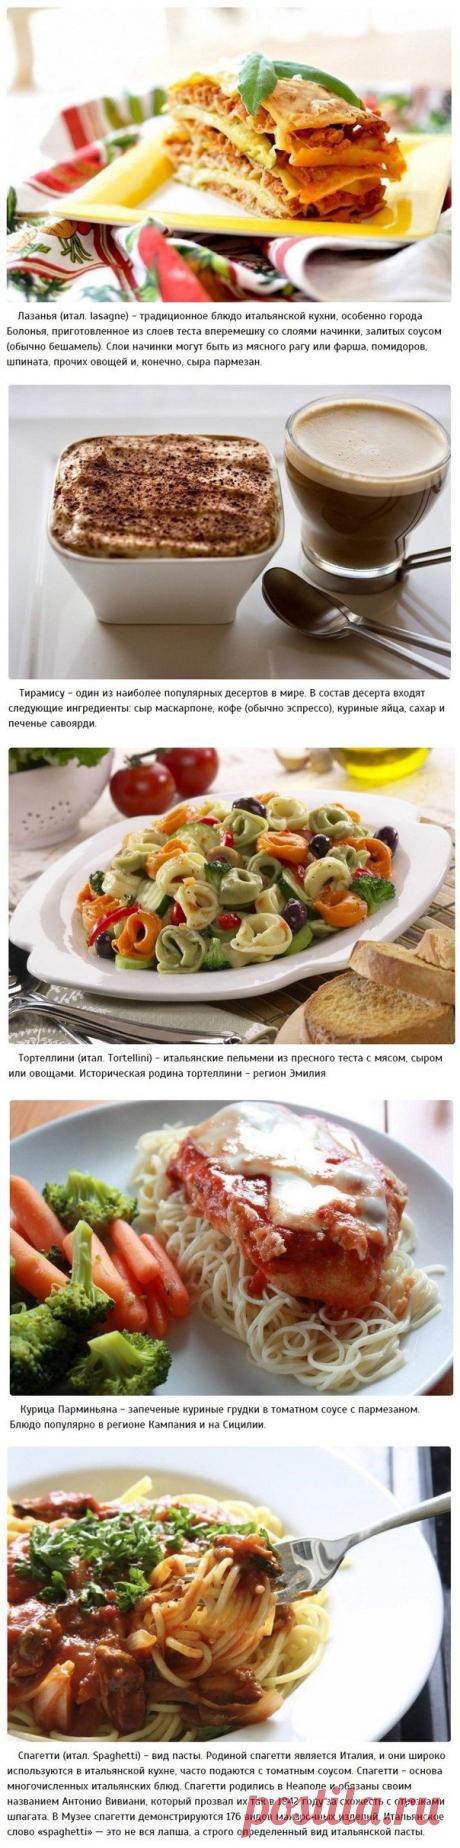 9 невероятно вкусных блюд итальянской кухни